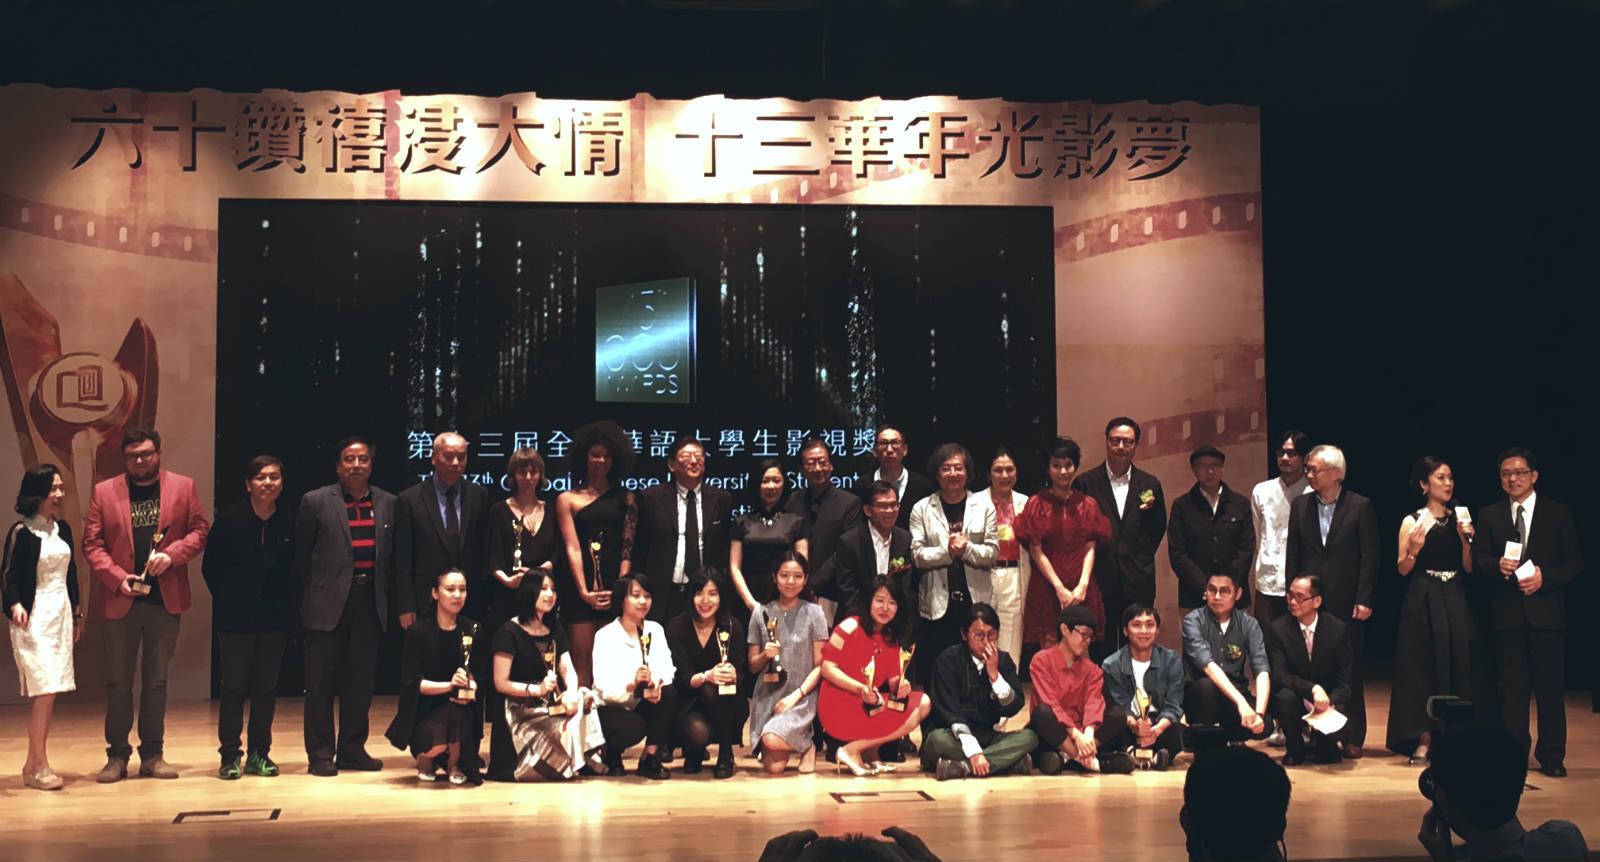 第13屆「全球華語大學生影視獎」頒獎典禮 圖片來源:北京電影學院